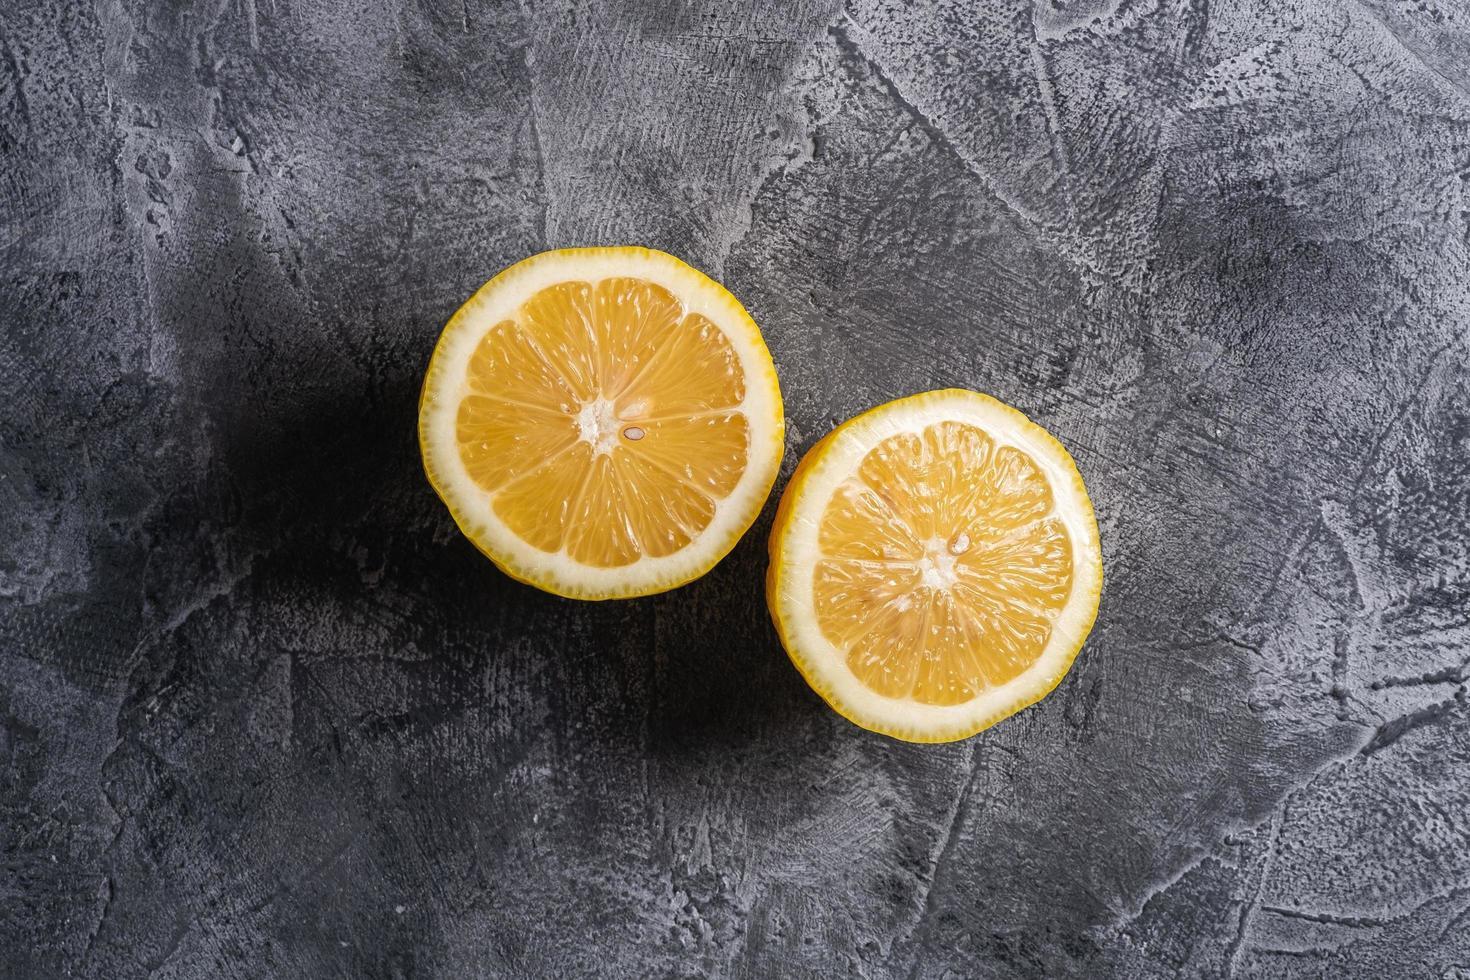 en citron i halva på grå betongbakgrund foto